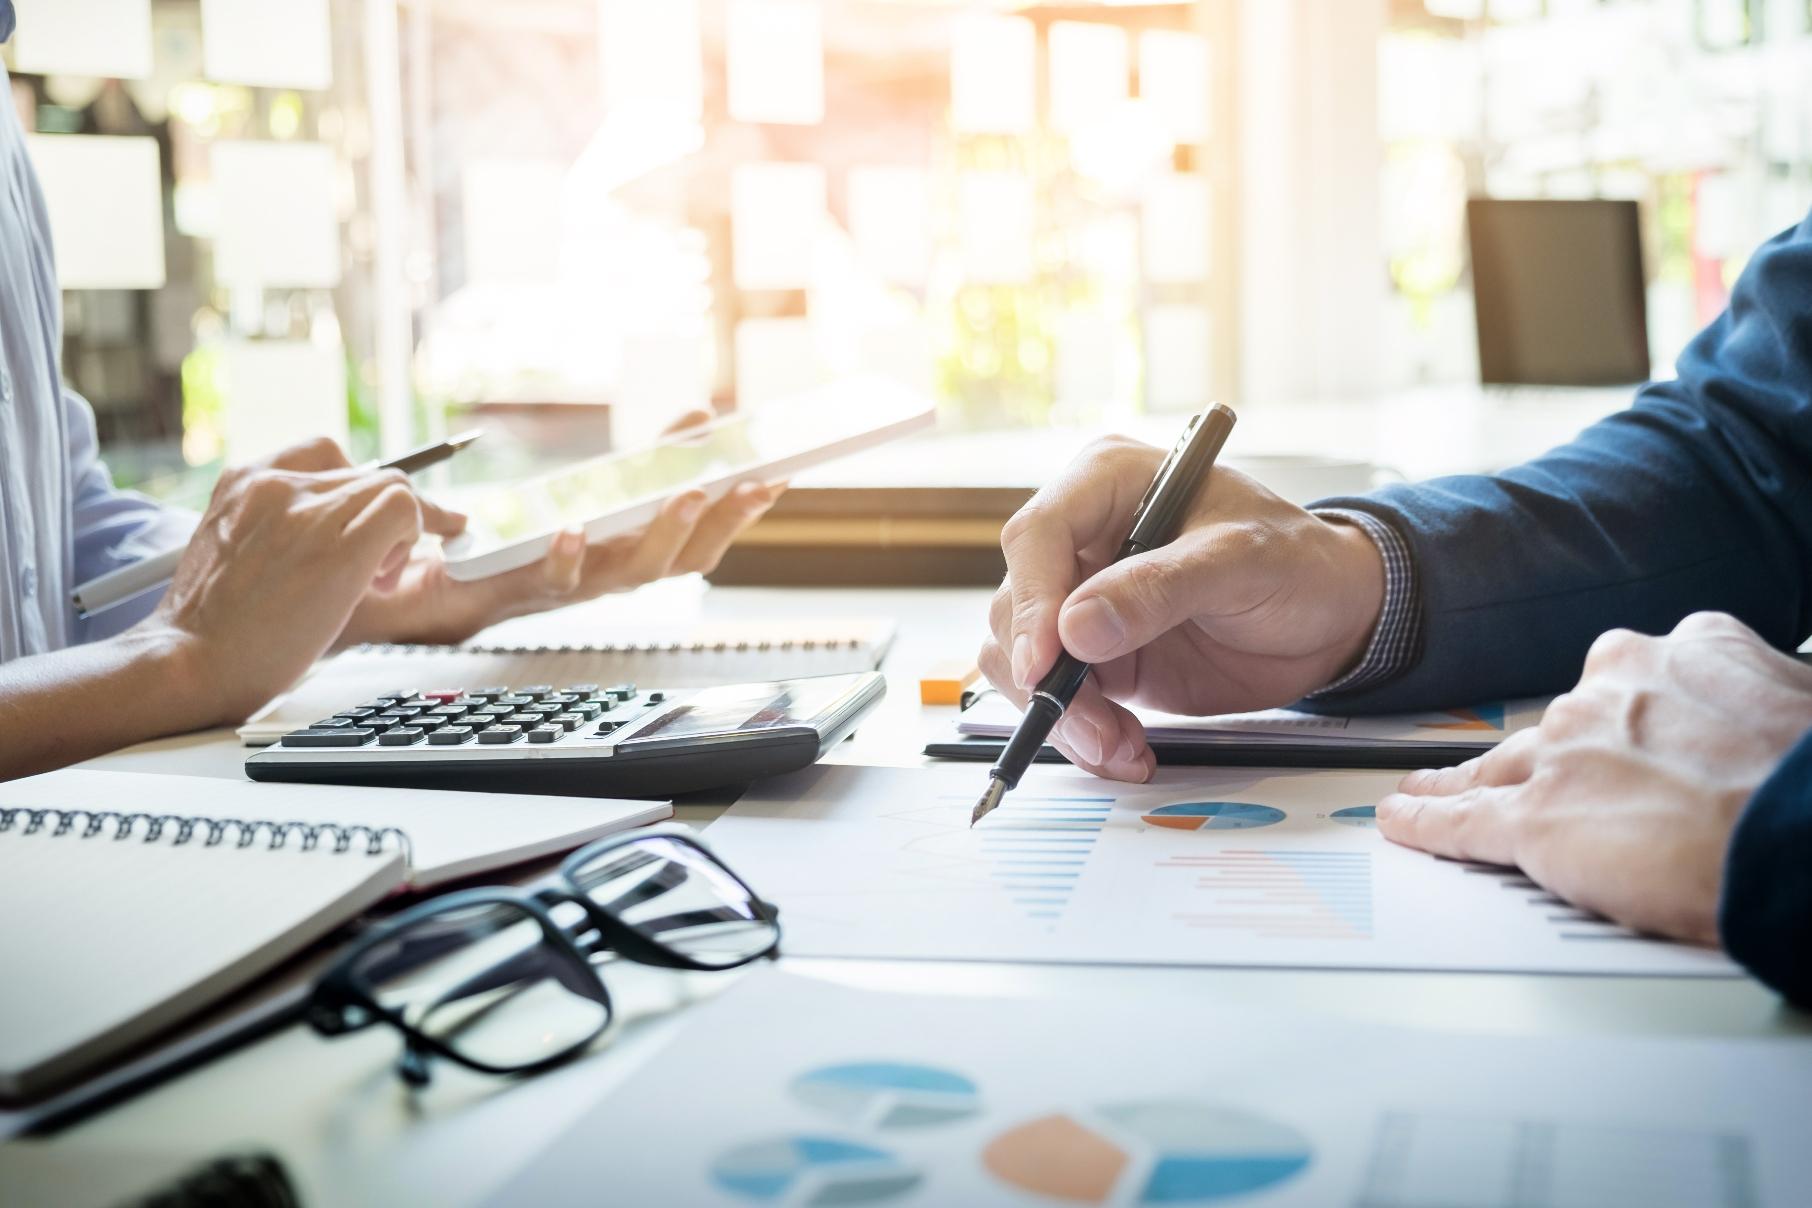 【スキルアップ】経理・会計・財務が身につけるべきデータ分析力